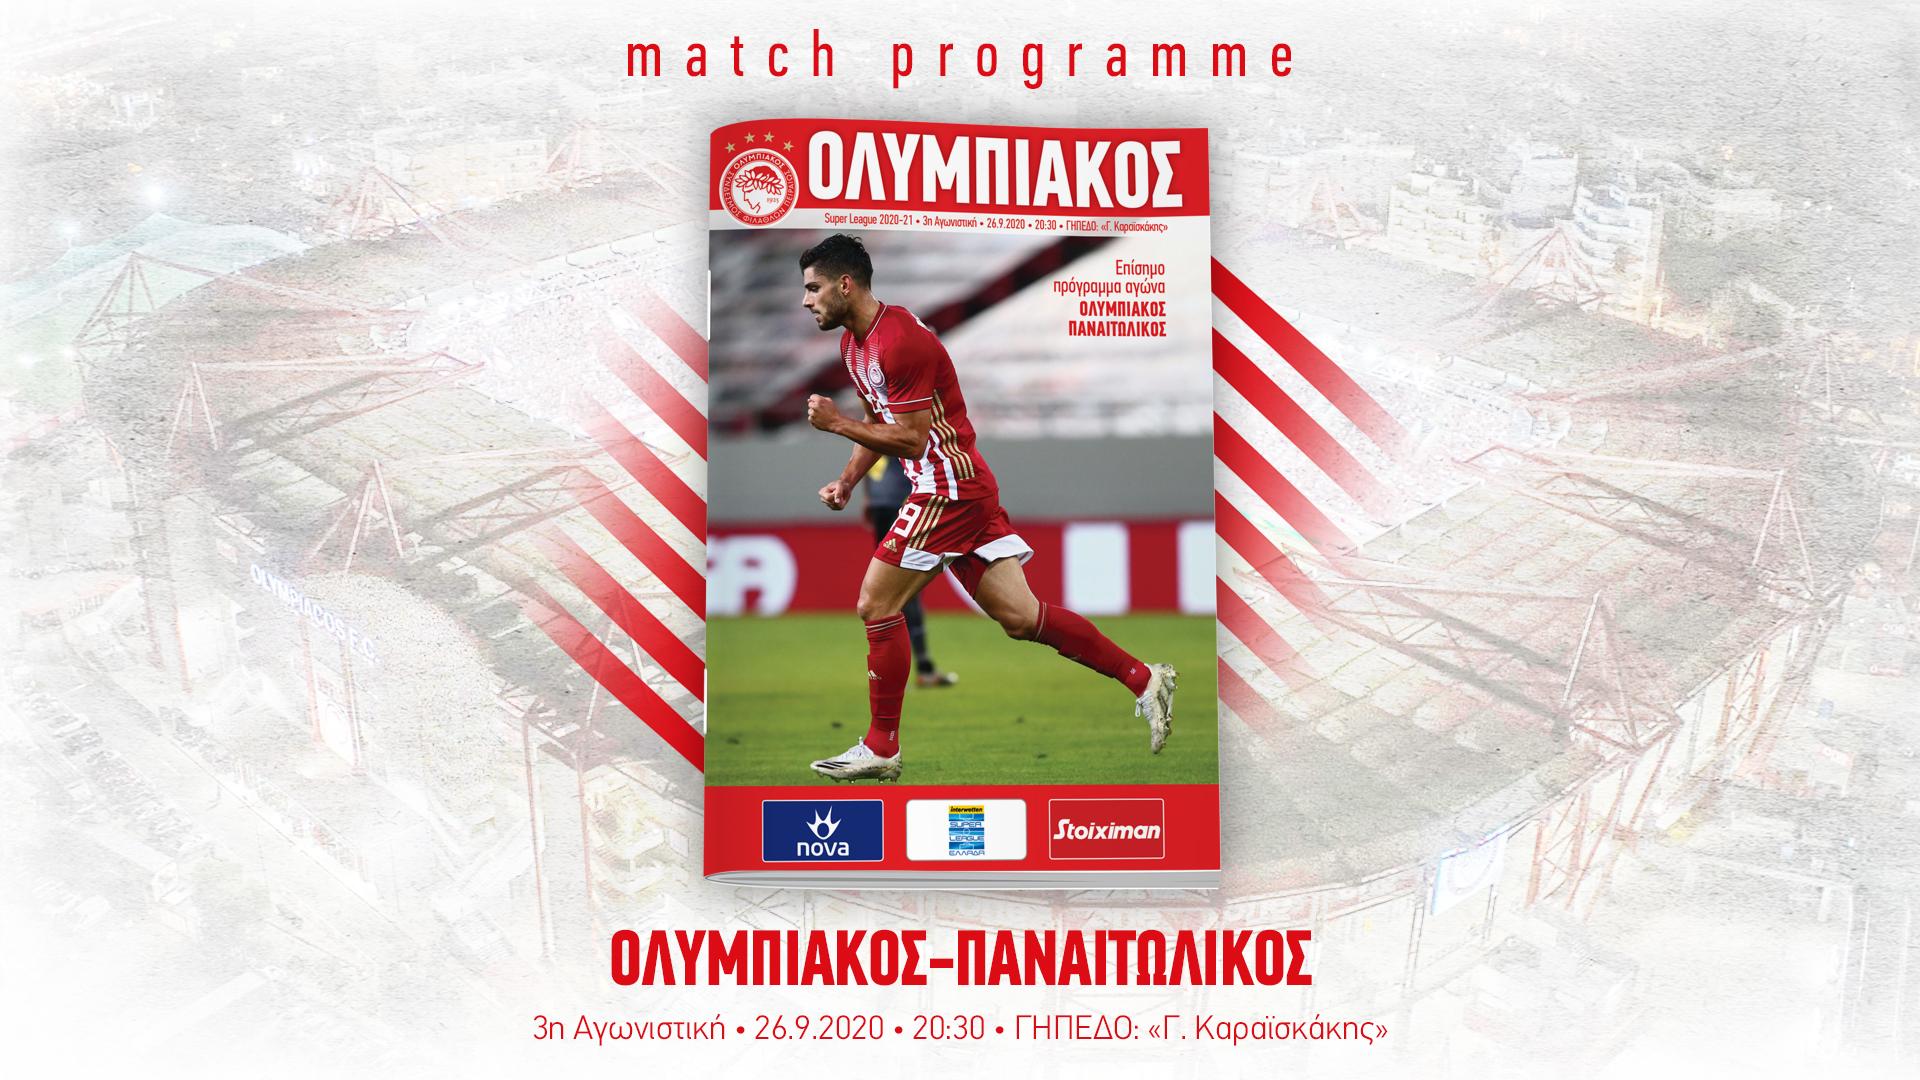 Το Match Programme του αγώνα Ολυμπιακός-Παναιτωλικός